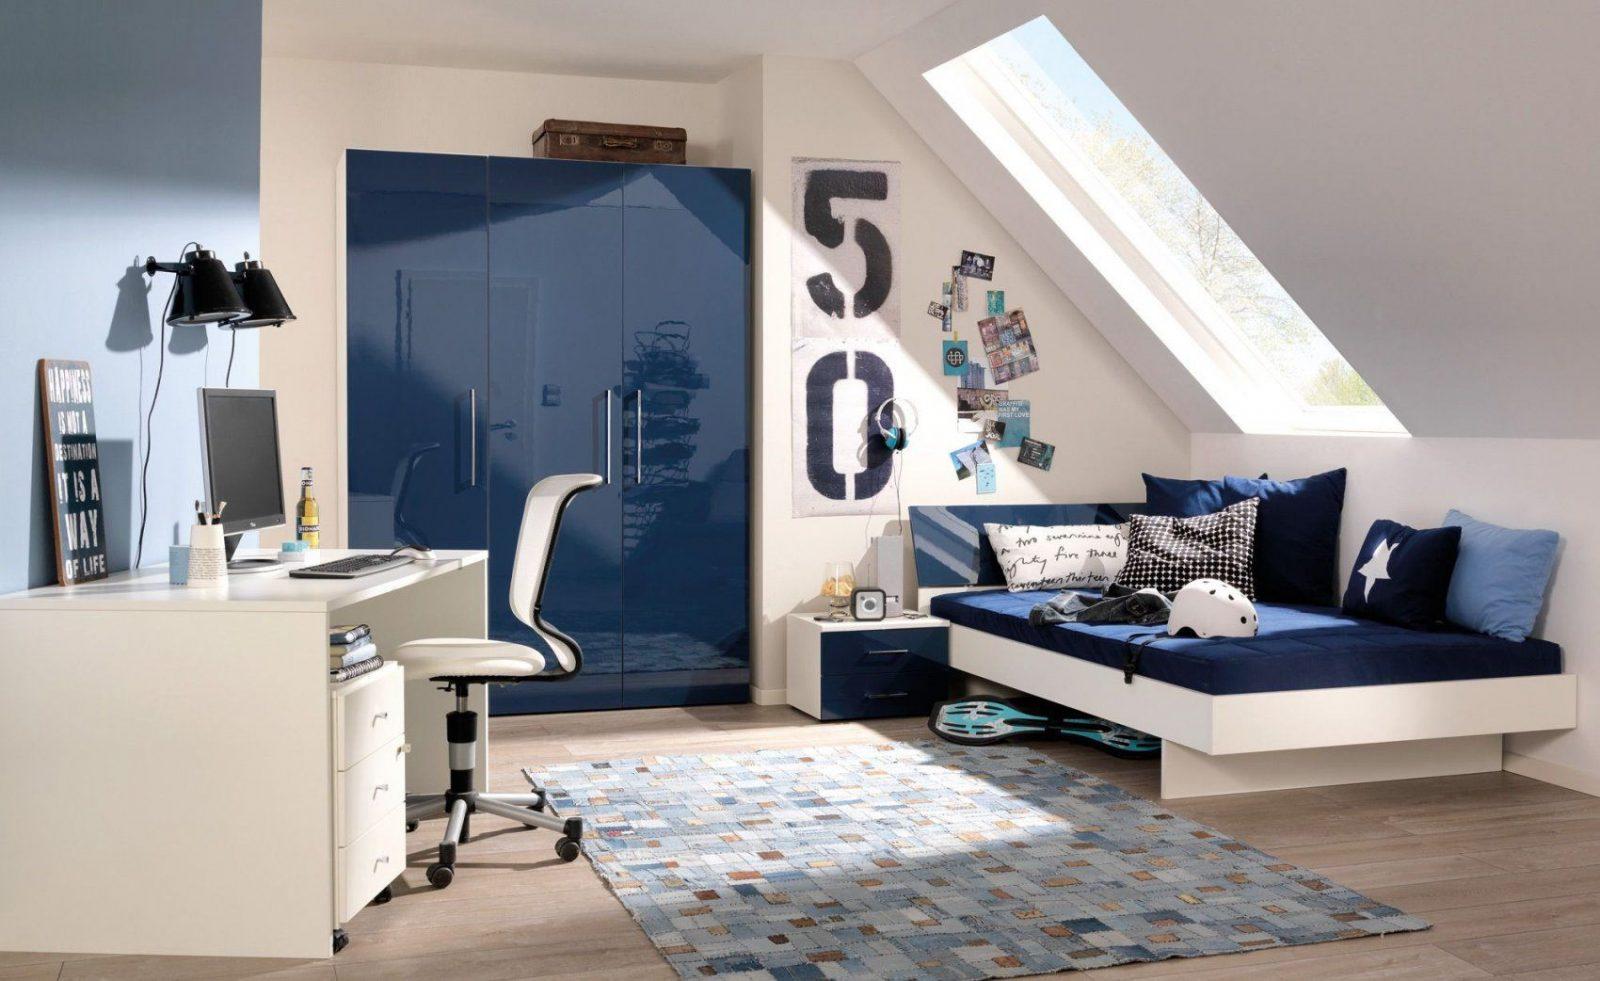 Jugendzimmer In Dunkelblau Und Creme Gestalten Jugendzimmer Avec von Jugendzimmer Mit Dachschräge Gestalten Photo